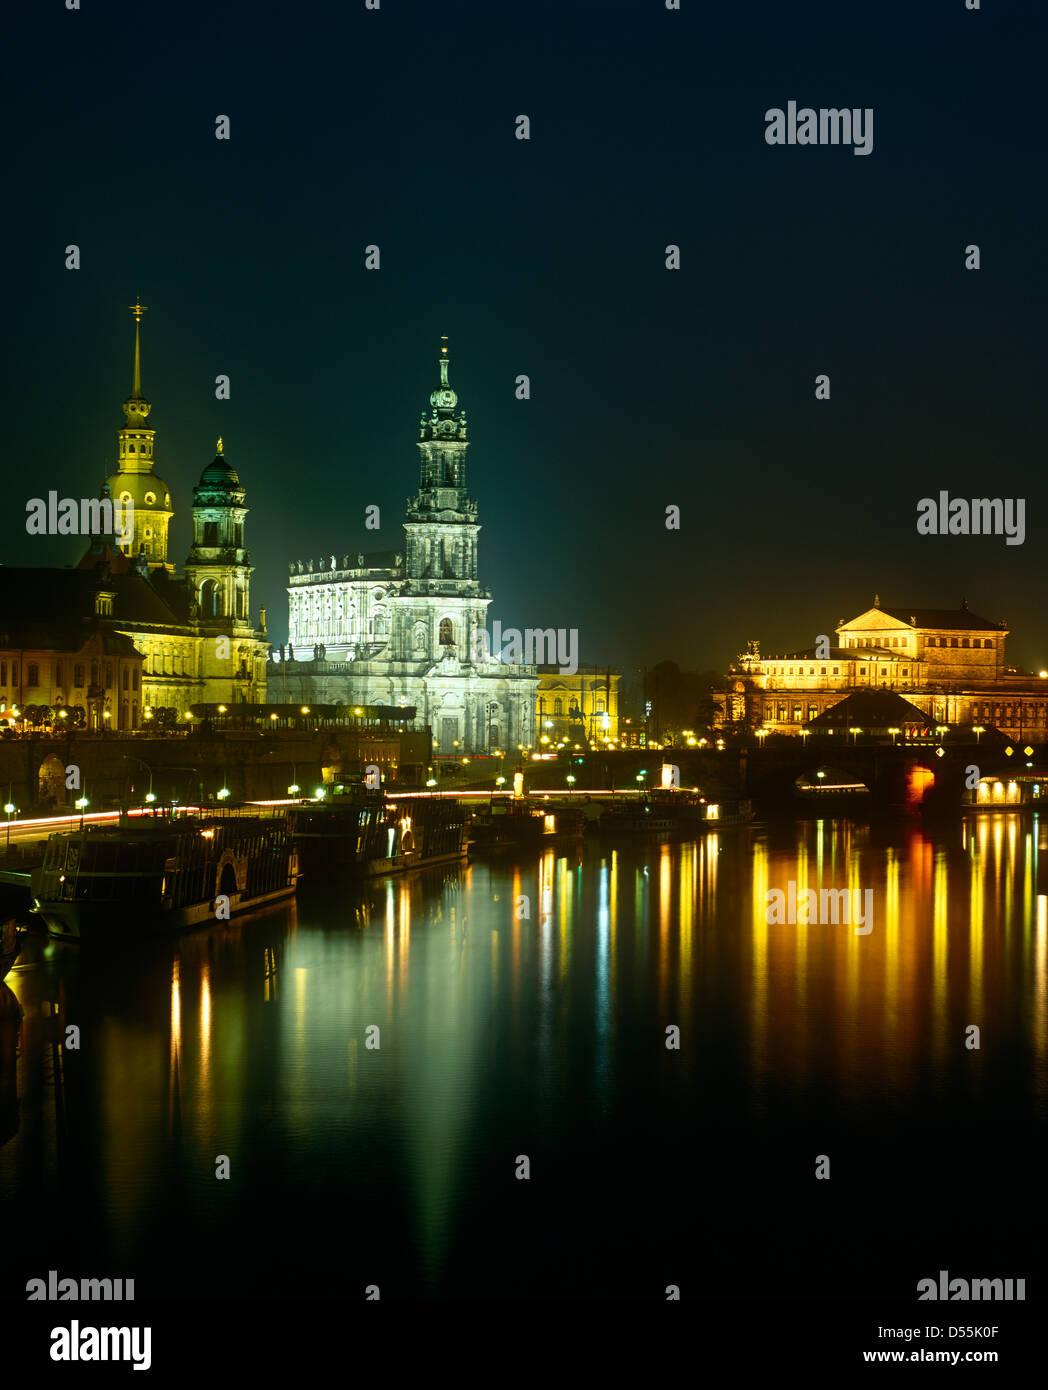 Faszinierend Skyline Dresden Referenz Von Reflecting In The River Elbe At Night,